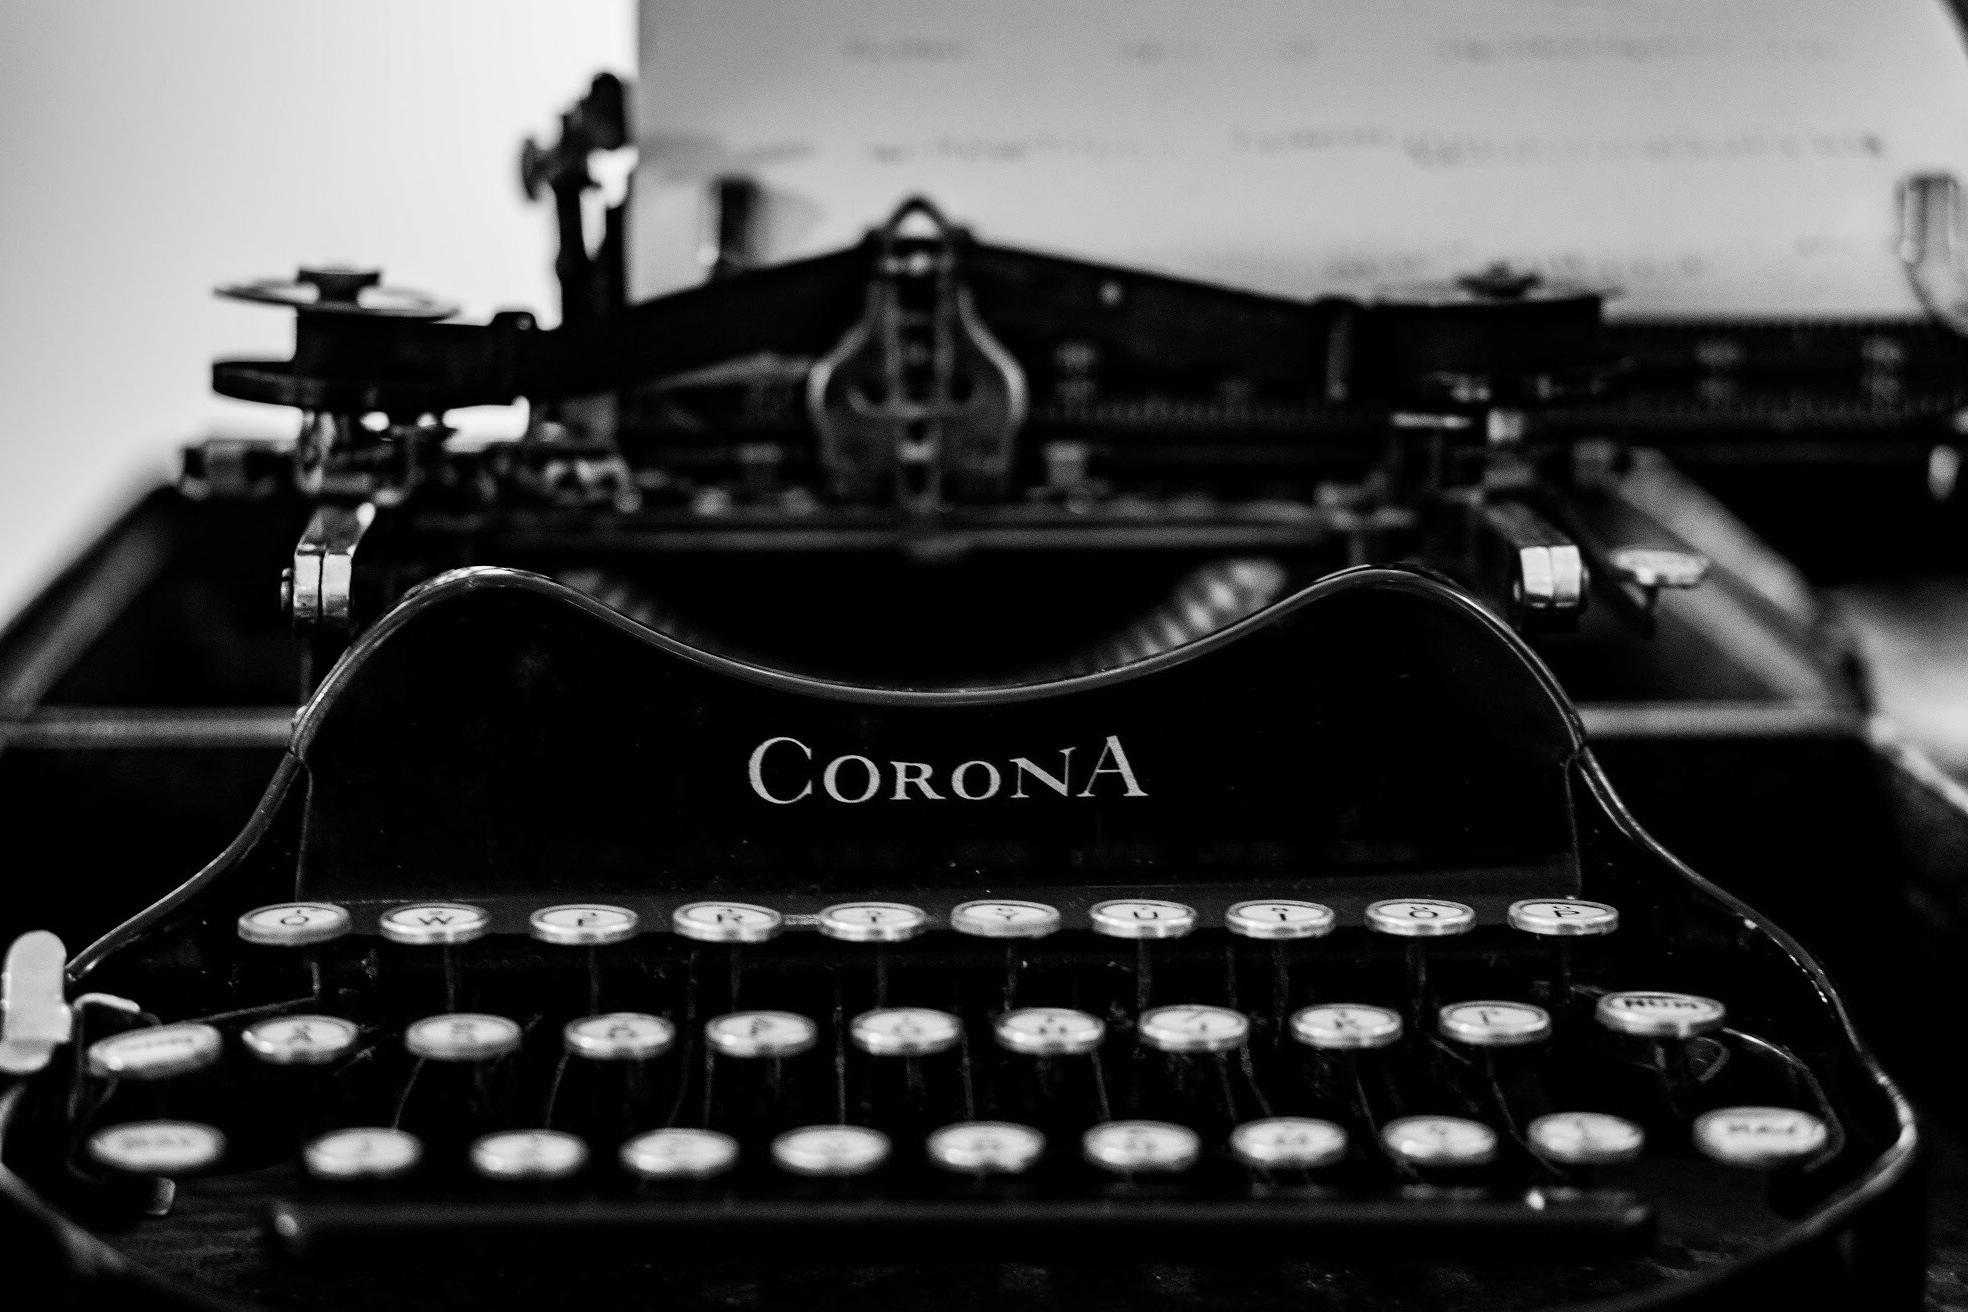 Corona Typewriter  by JamesHogan